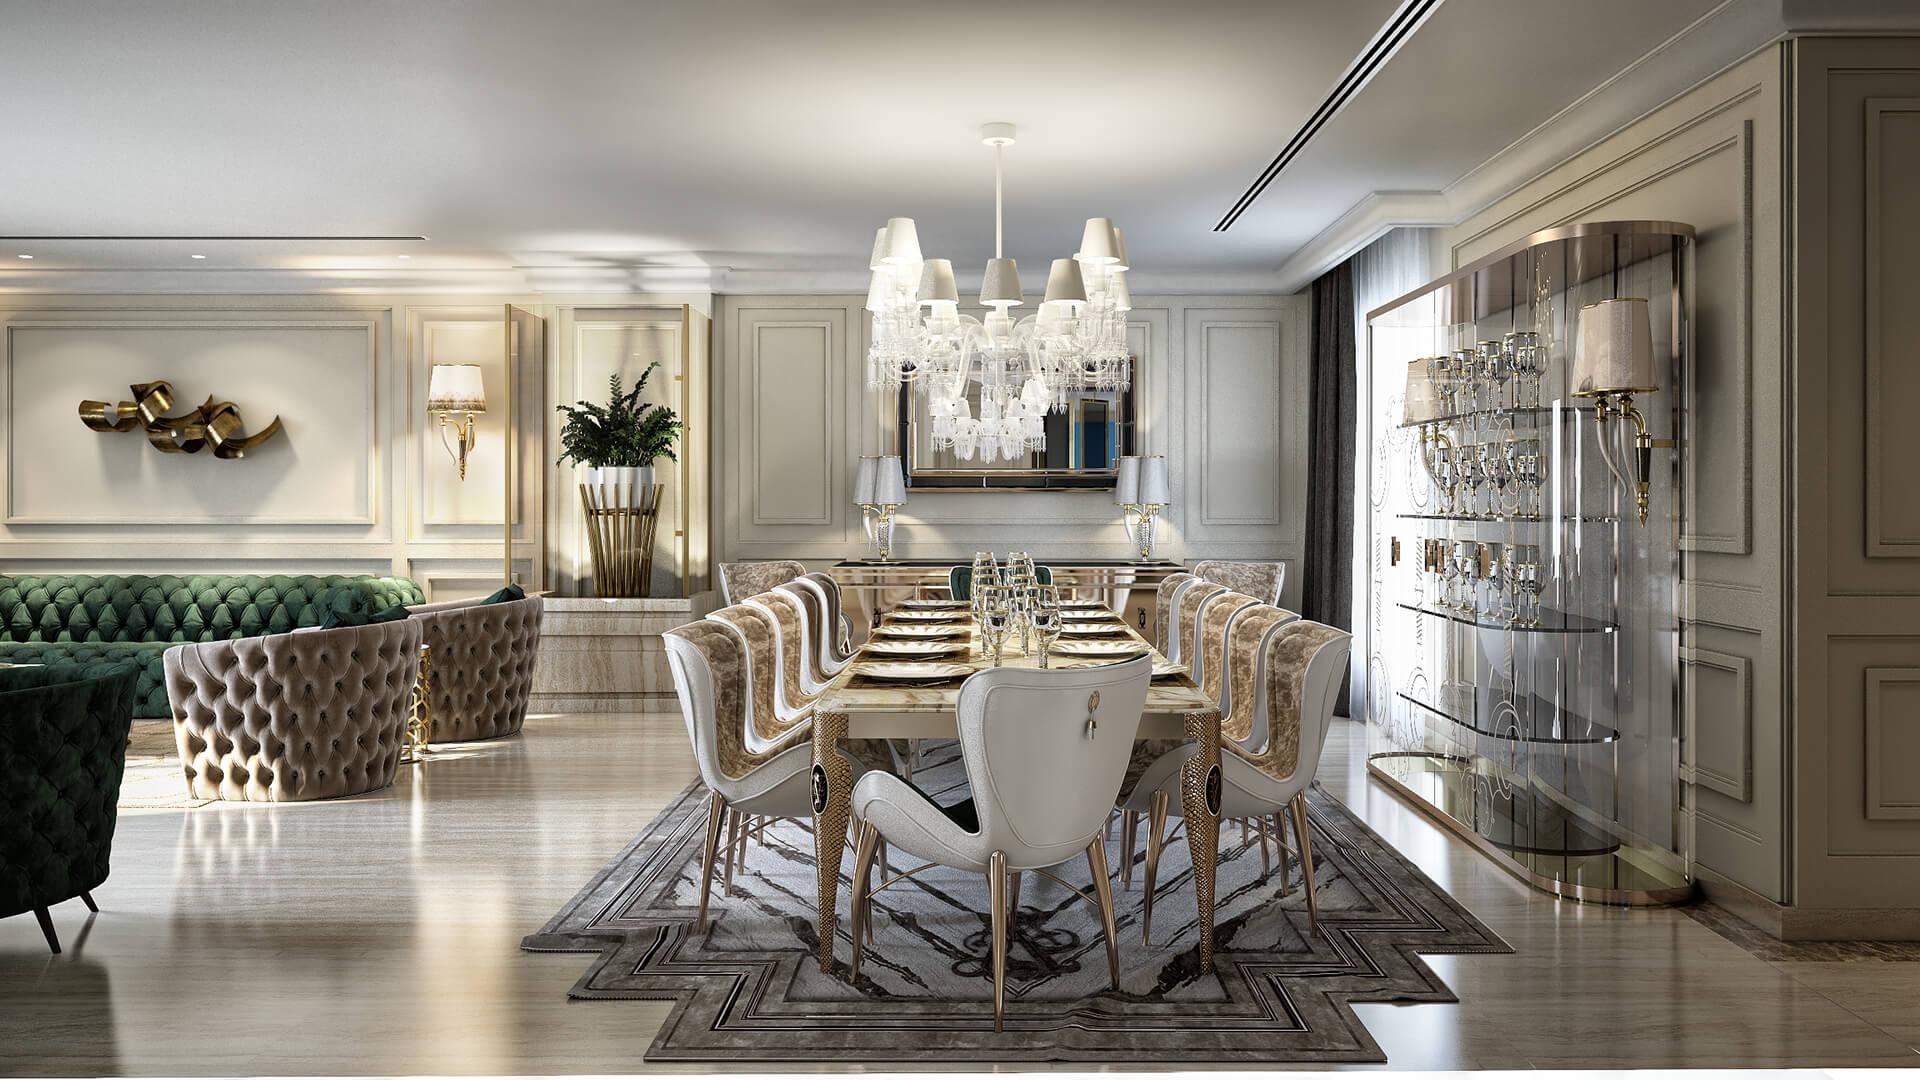 Knightsbridge Luxury Dining Room Furniture 1